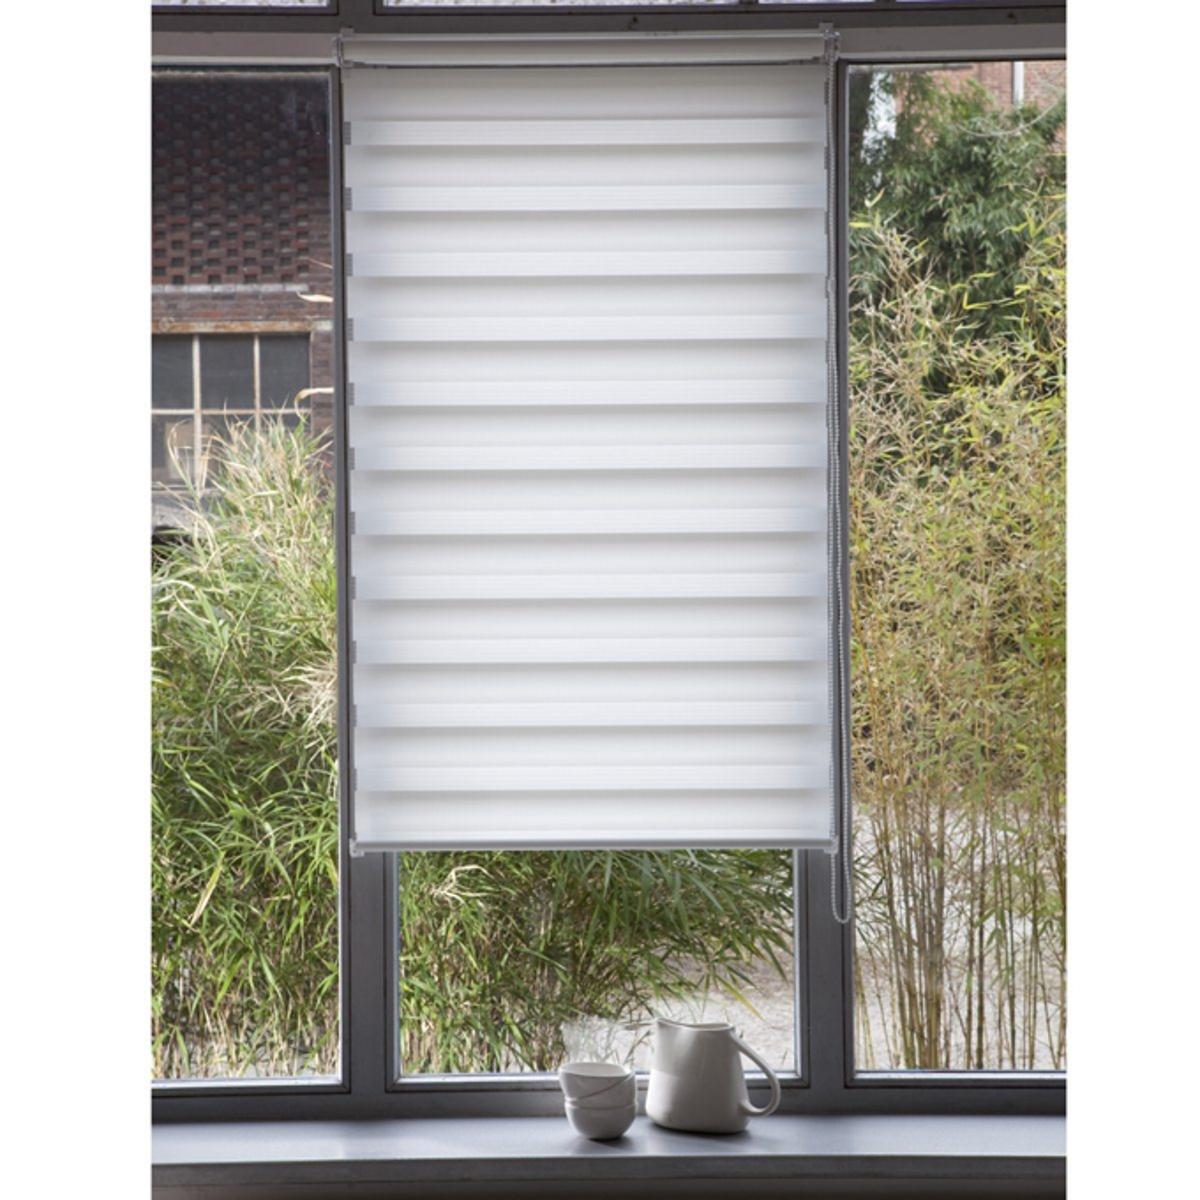 Штора рулонная, пропускающая свет, Jour / Nuit, с системой Easy (для не широких окон)Эта штора позволяет выбирать интенсивность света, от ажурного эффекта до рассеянного света. Снабжена системой Concept Easy : крепление защелкой !. Без сверления и крепления, она крепится на окна ПВХ с помощью клипс, входящих в комплект .  Мягкая ткань 100% полиэстер .Тяжелая рейка внизу.Длина регулируется механизмом с цепочкой.Можно отрезать по ширине. - 150 x 32 см- 150 x 37 см- 150 x 42 см 3 цвета на выбор - 150 x 42 см .<br><br>Цвет: антрацит,белый<br>Размер: 42x100 cm